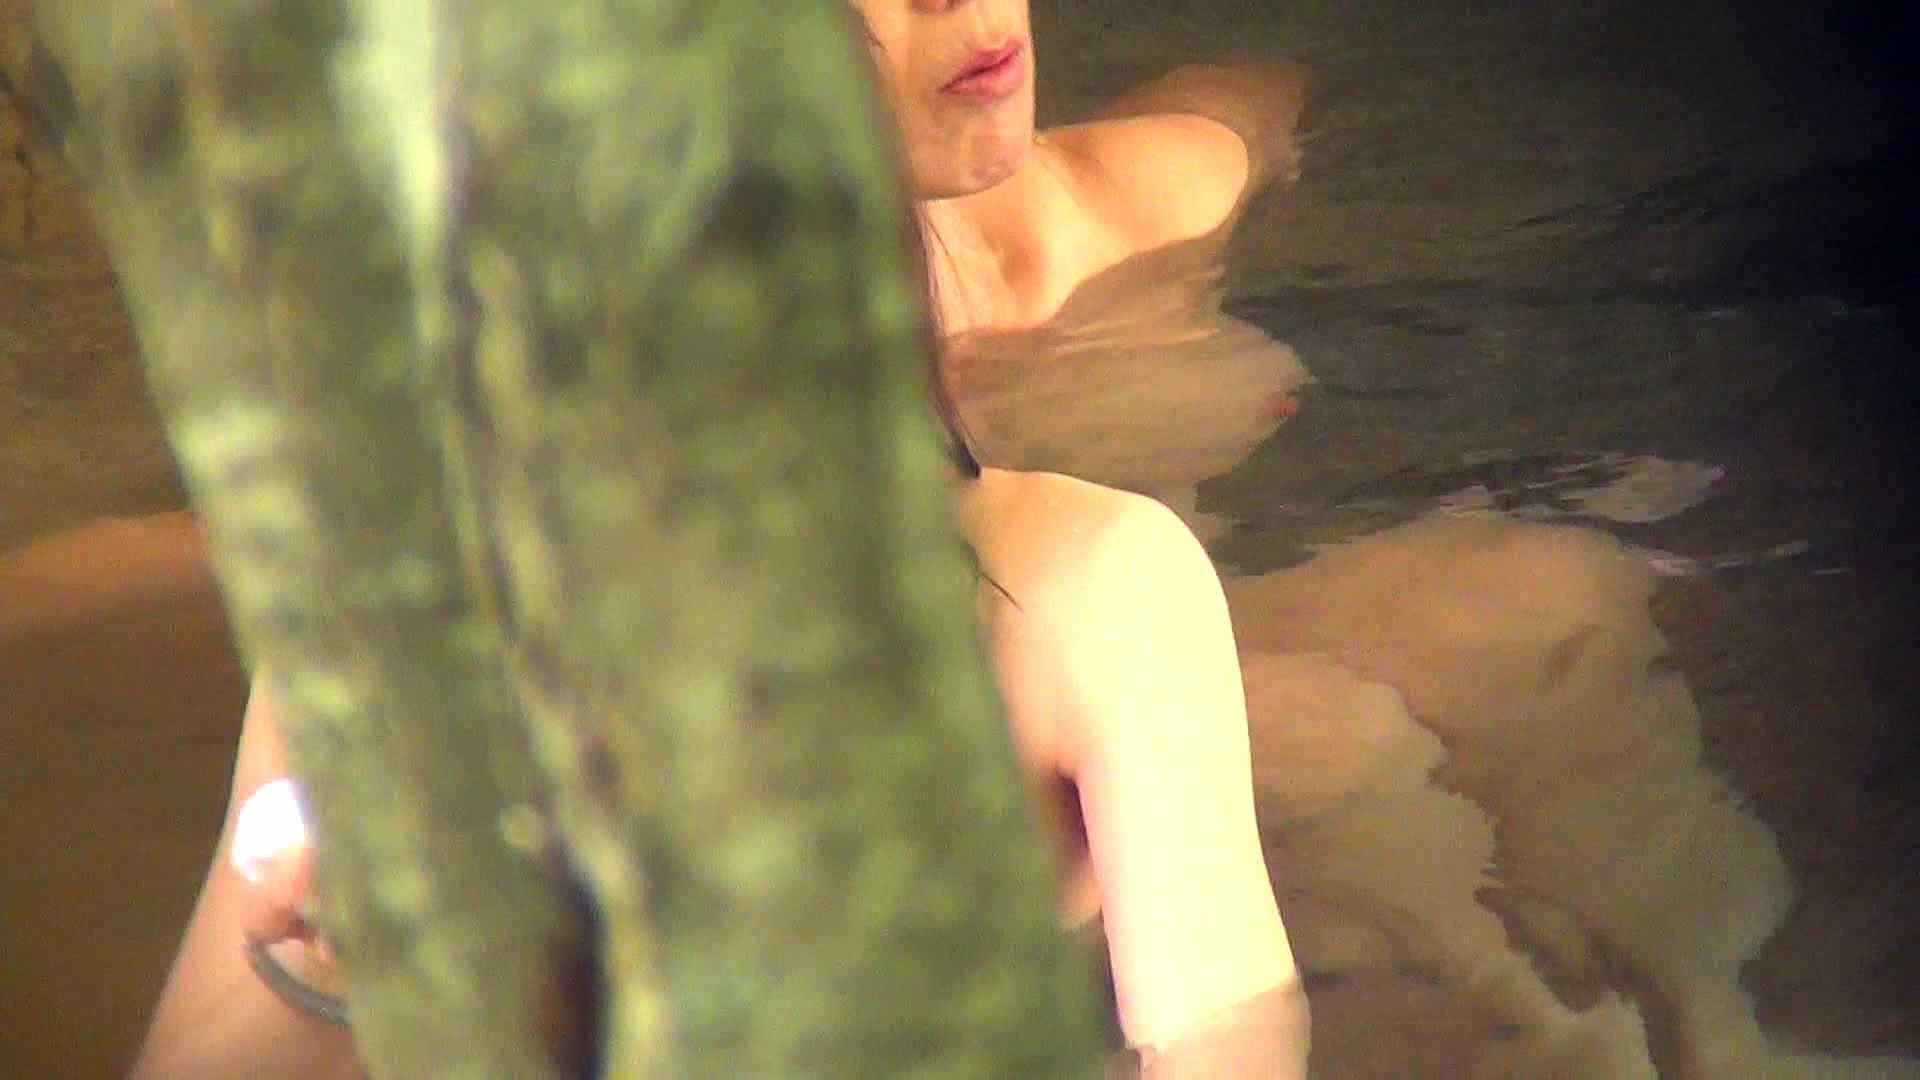 Vol.47 oyakoで登場 スレンダーだけどしっかりしたオッパイ 美女  94pic 94